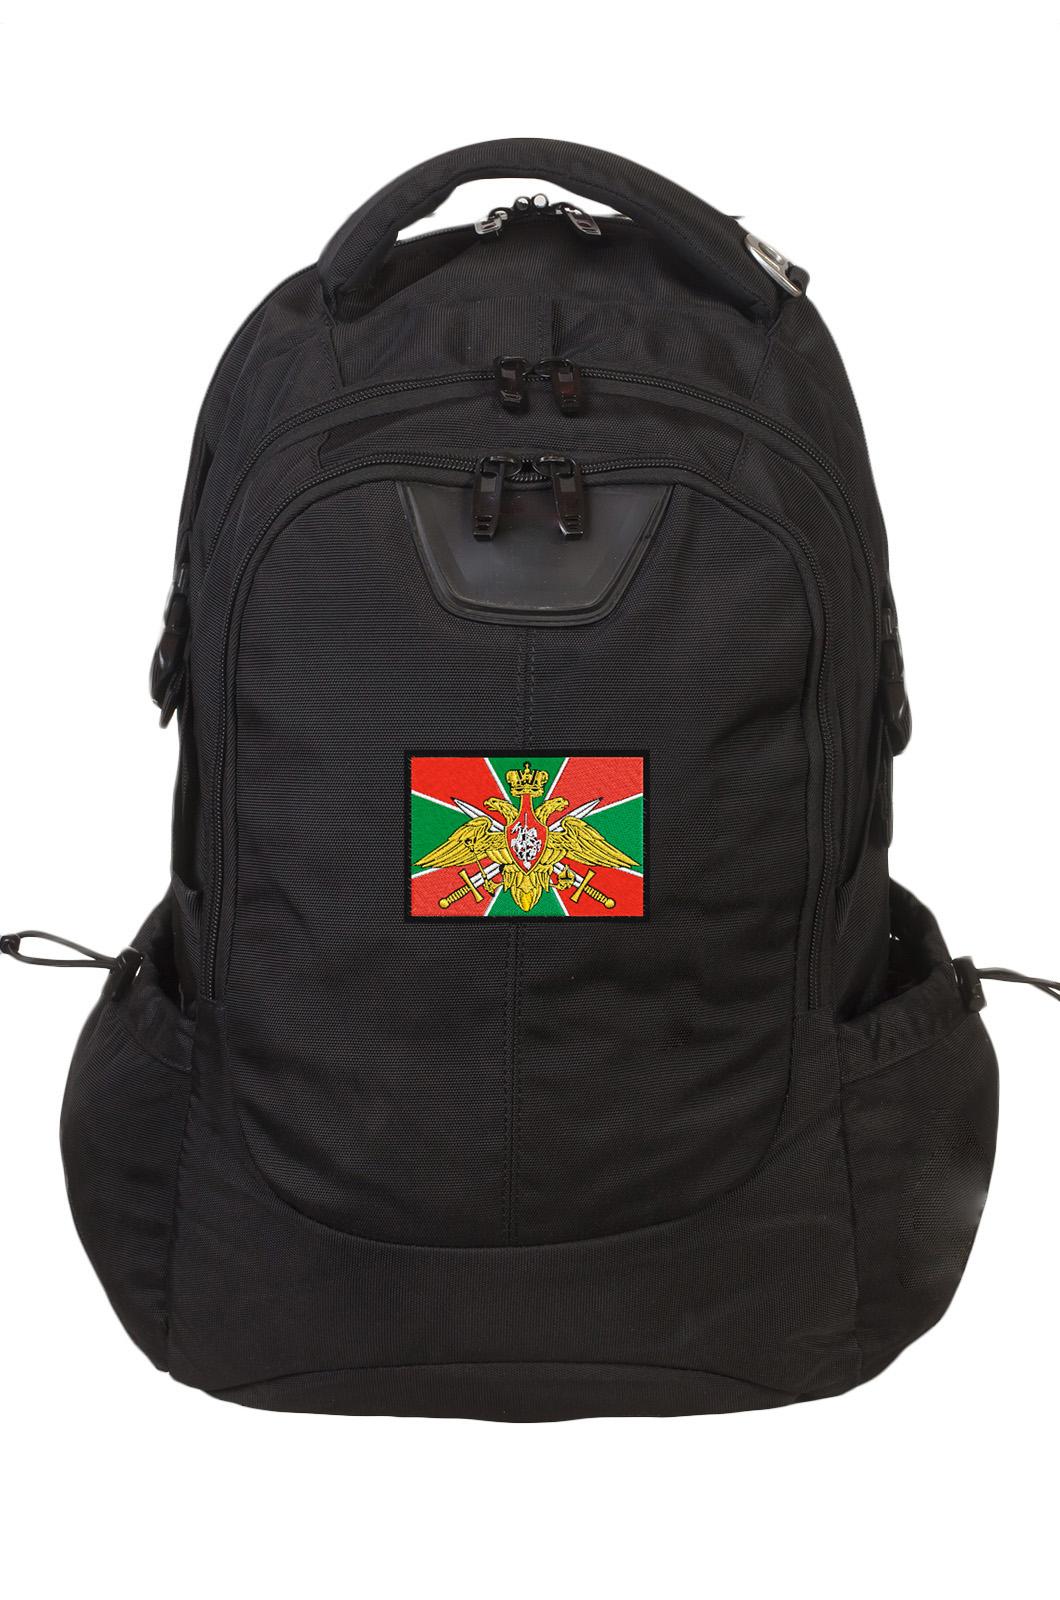 Черный внушительный рюкзак с нашивкой Погранвойска